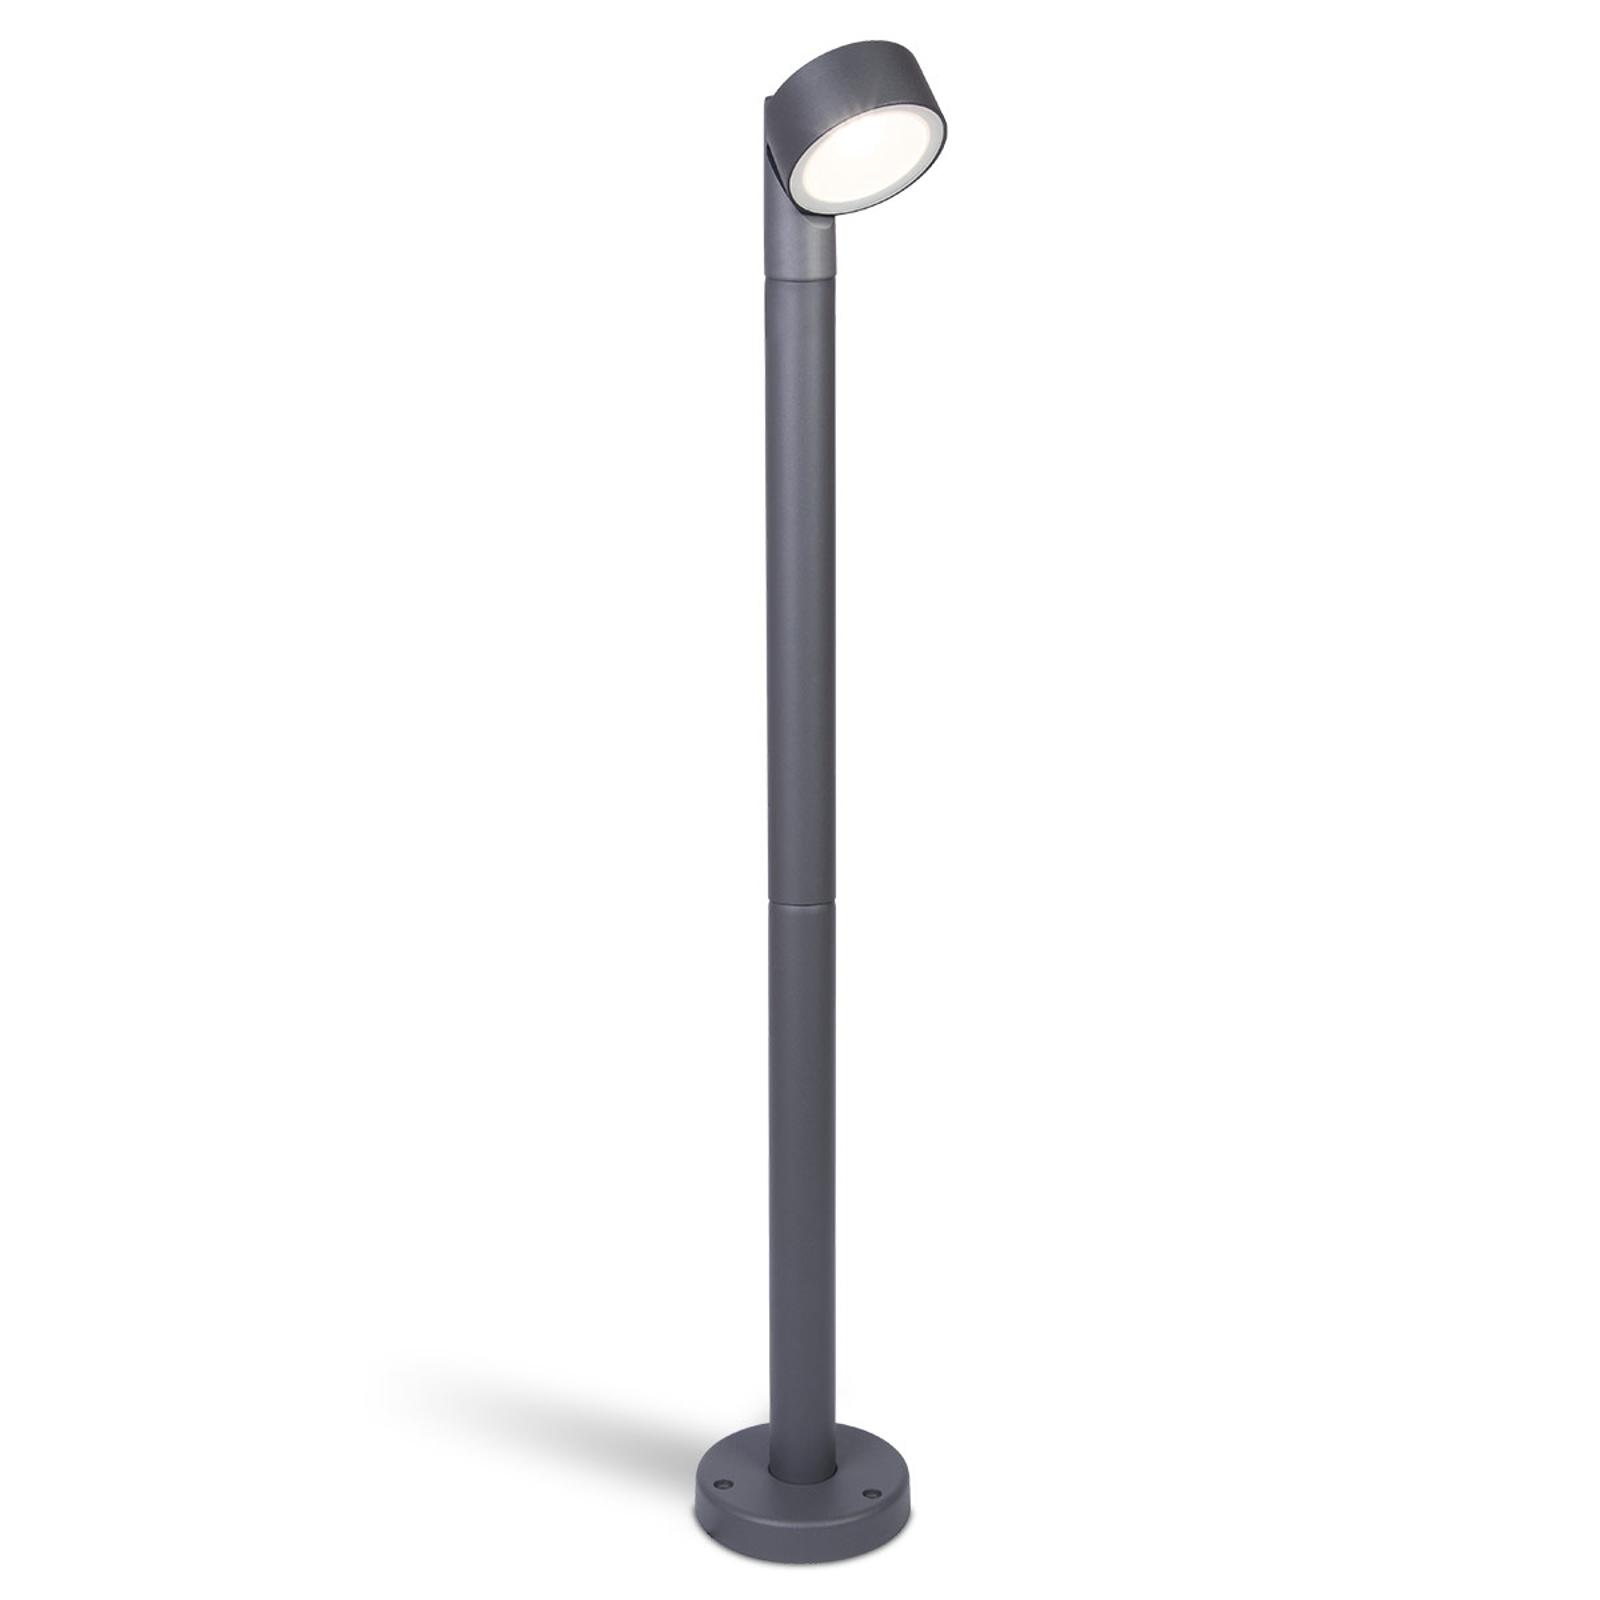 LED-Wegeleuchte Trumpet mit schwenkbarem Spot